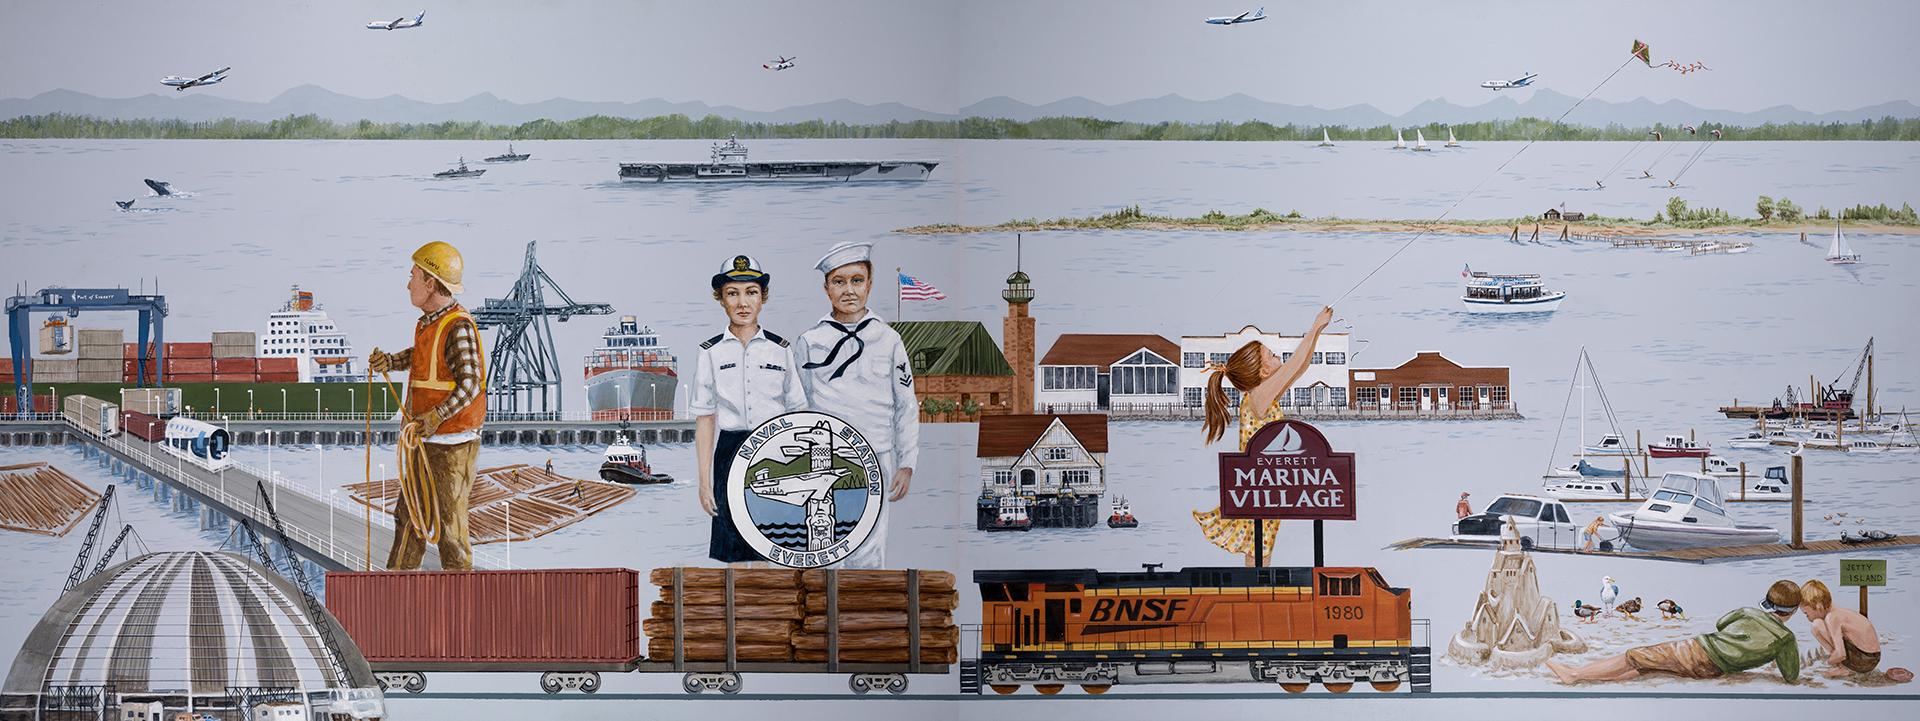 Port of Everett Mural 2